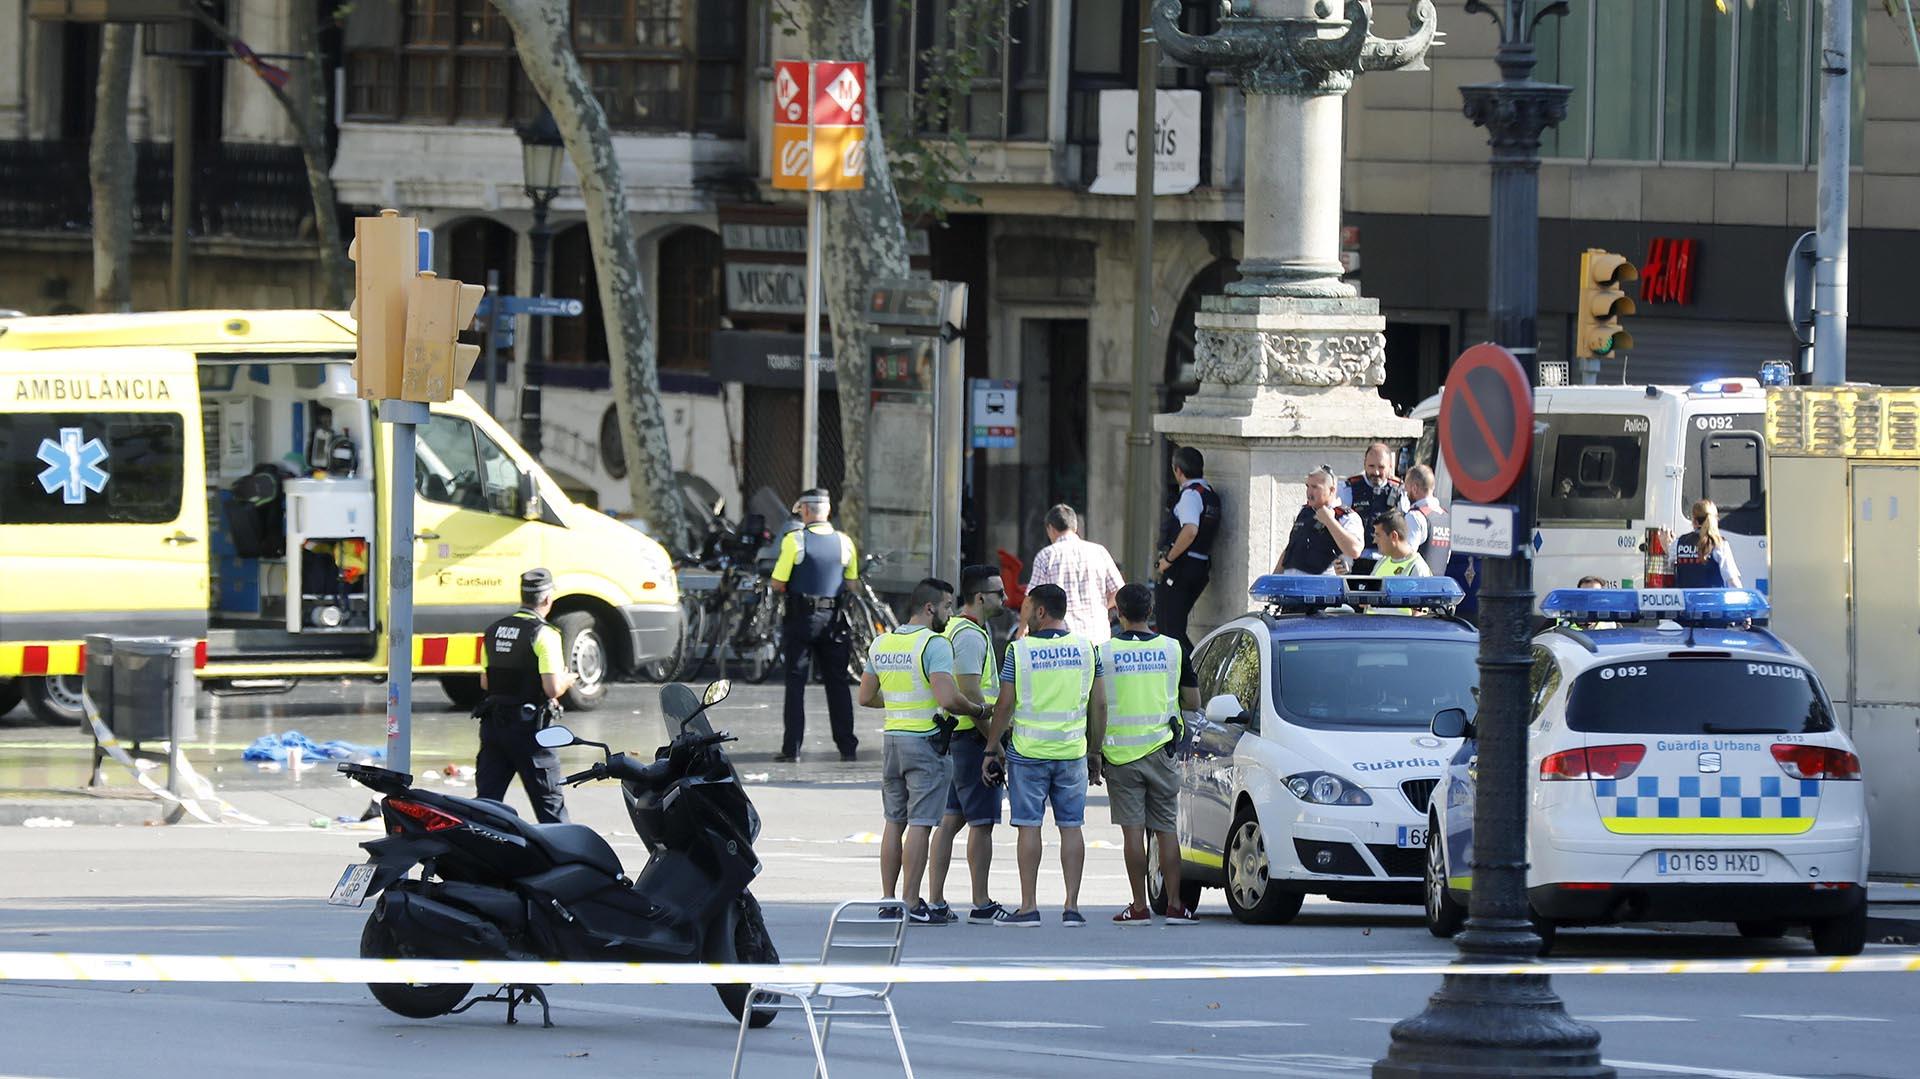 accidente-rambla-barcelona-atentado-13